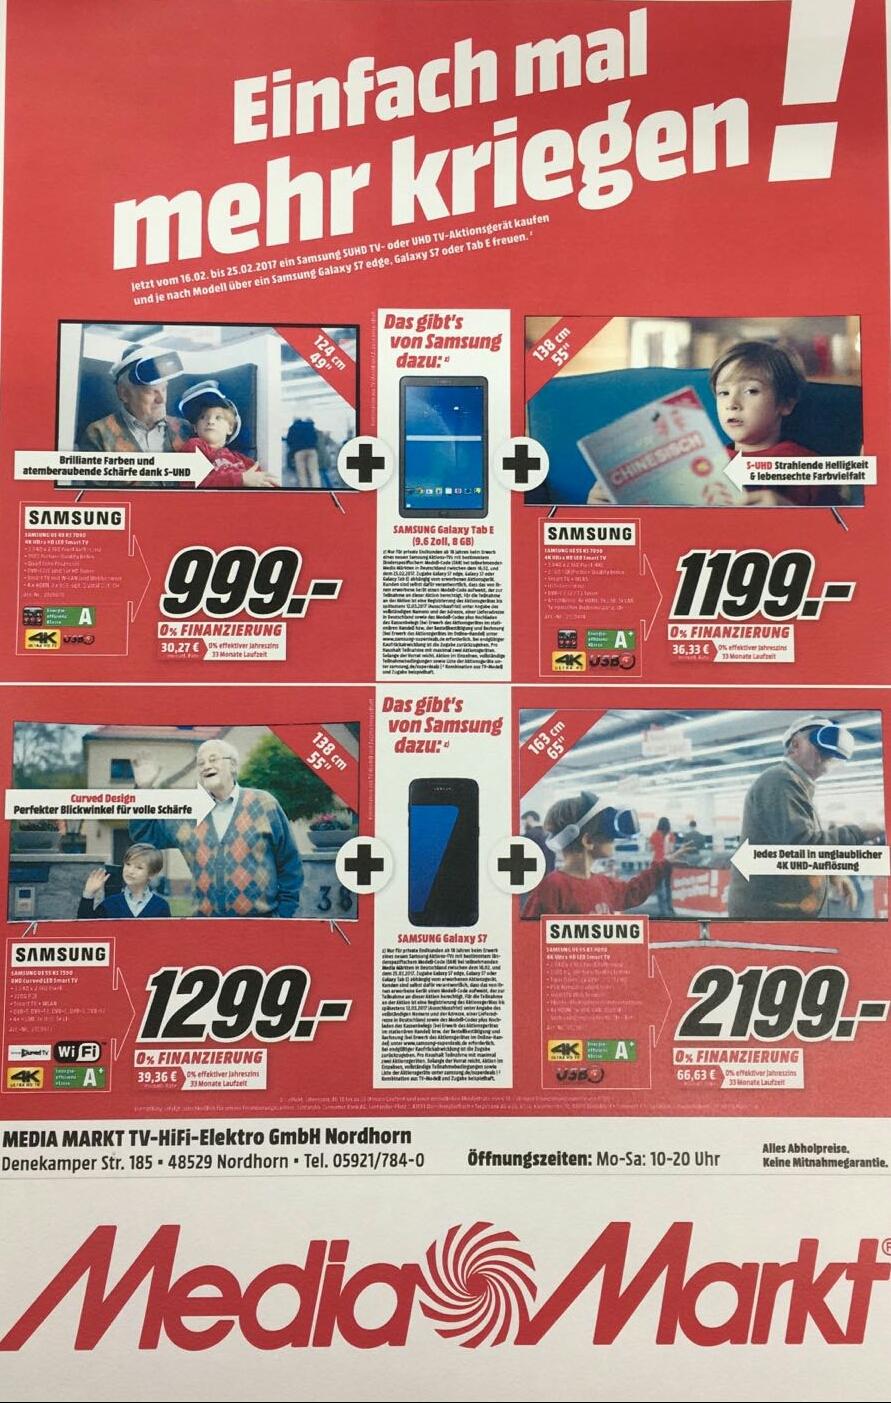 """UE55KS7090 + Galaxy TAB E(9,6"""",8GB) für 1199,- / UE55KS7590 + Galaxy S7 für 1299,- / UE49KS7090 + Galaxy TAB E(9,6"""",8GB) für 999,- euro / Samsung UE65KS8090 für 2199,- + Galaxy S7 /  (Lokal Mediamarkt Nordhorn) bundesweiter Versand möglich"""